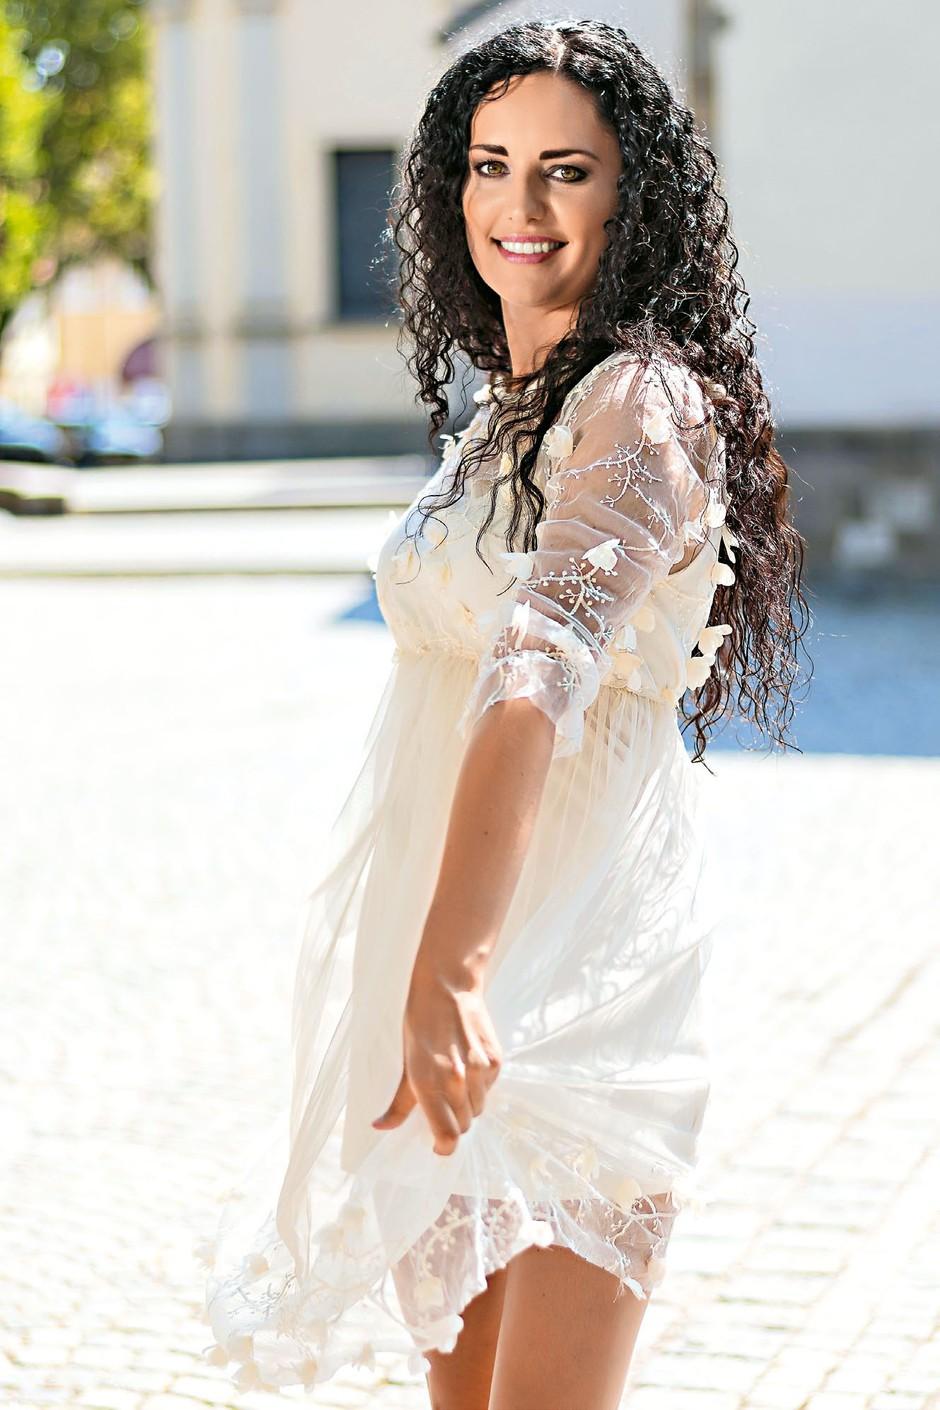 Poglej, kaj danes počne Tadeja Ternar (Miss Slovenije 2007) (foto: Ales Kocbek)